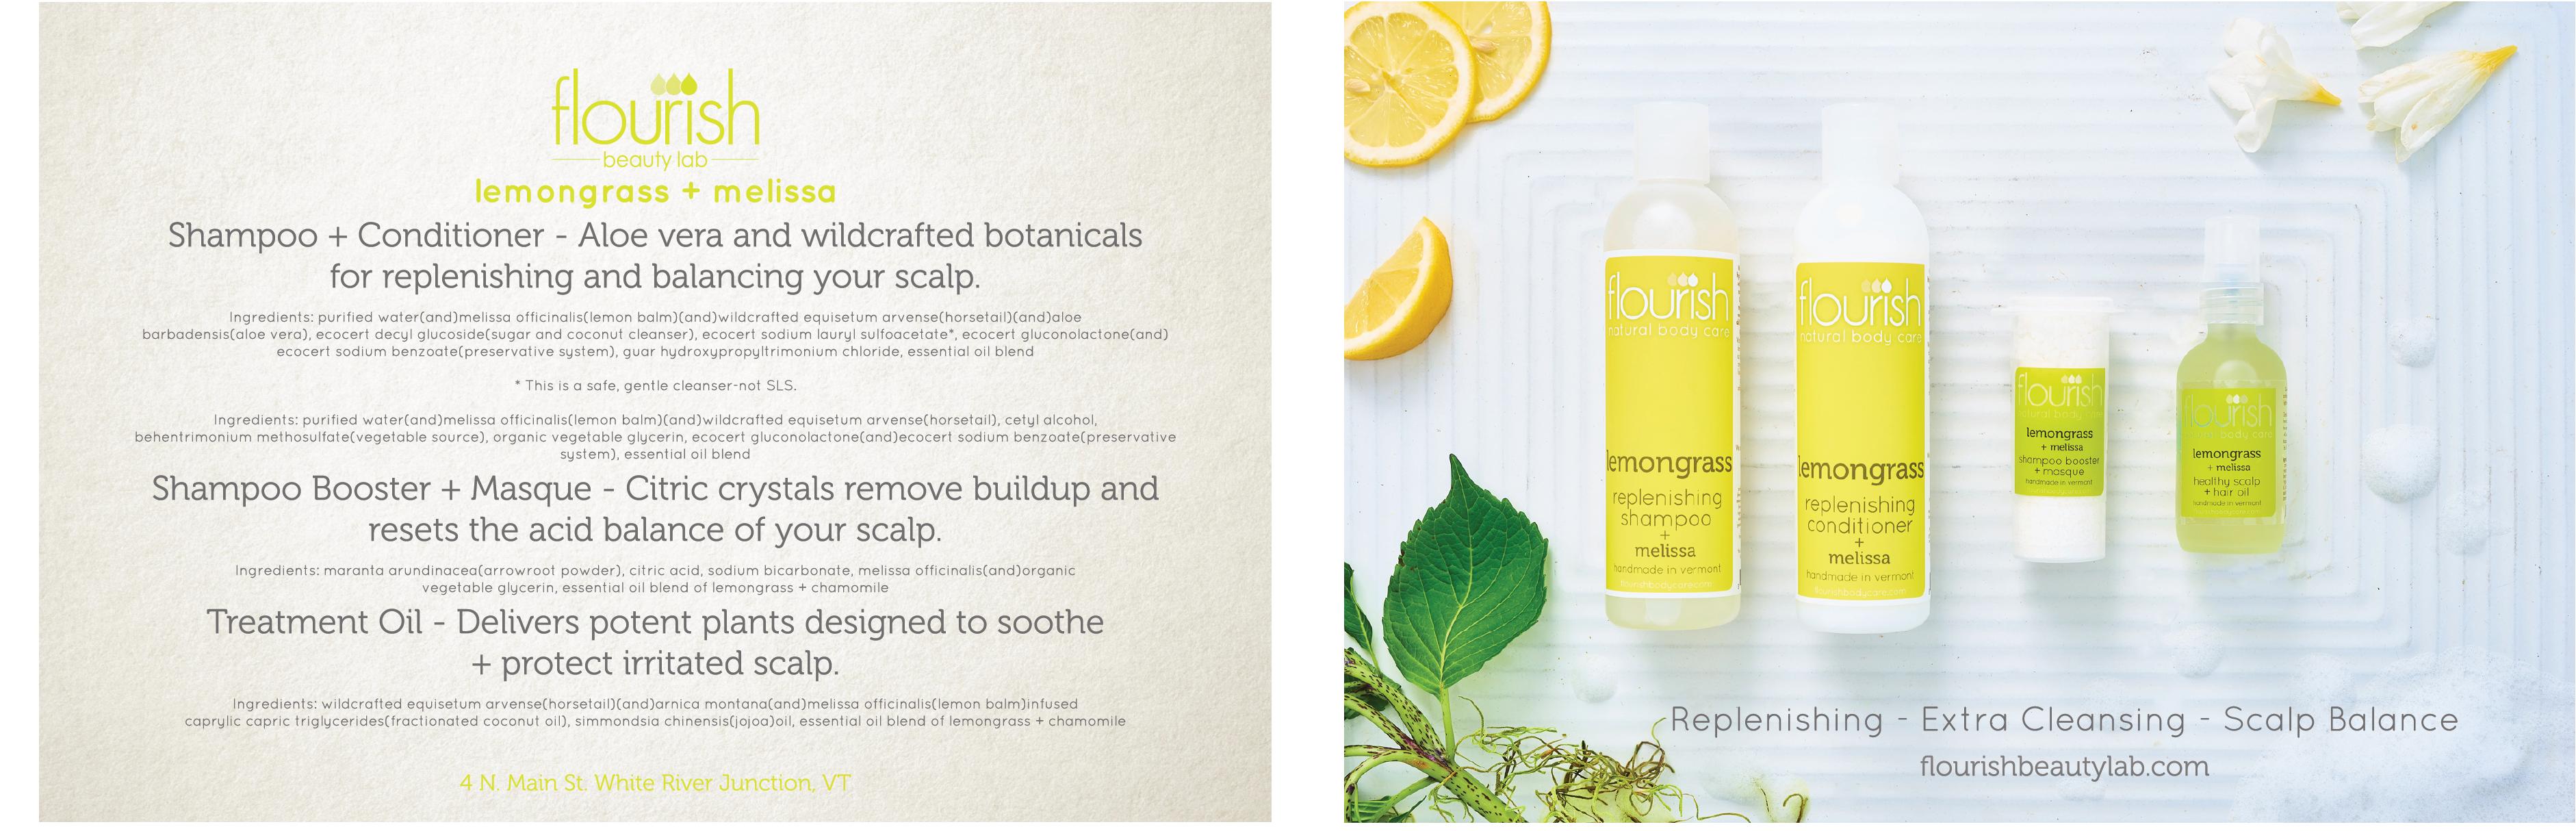 flourish.info.card.lemongrass